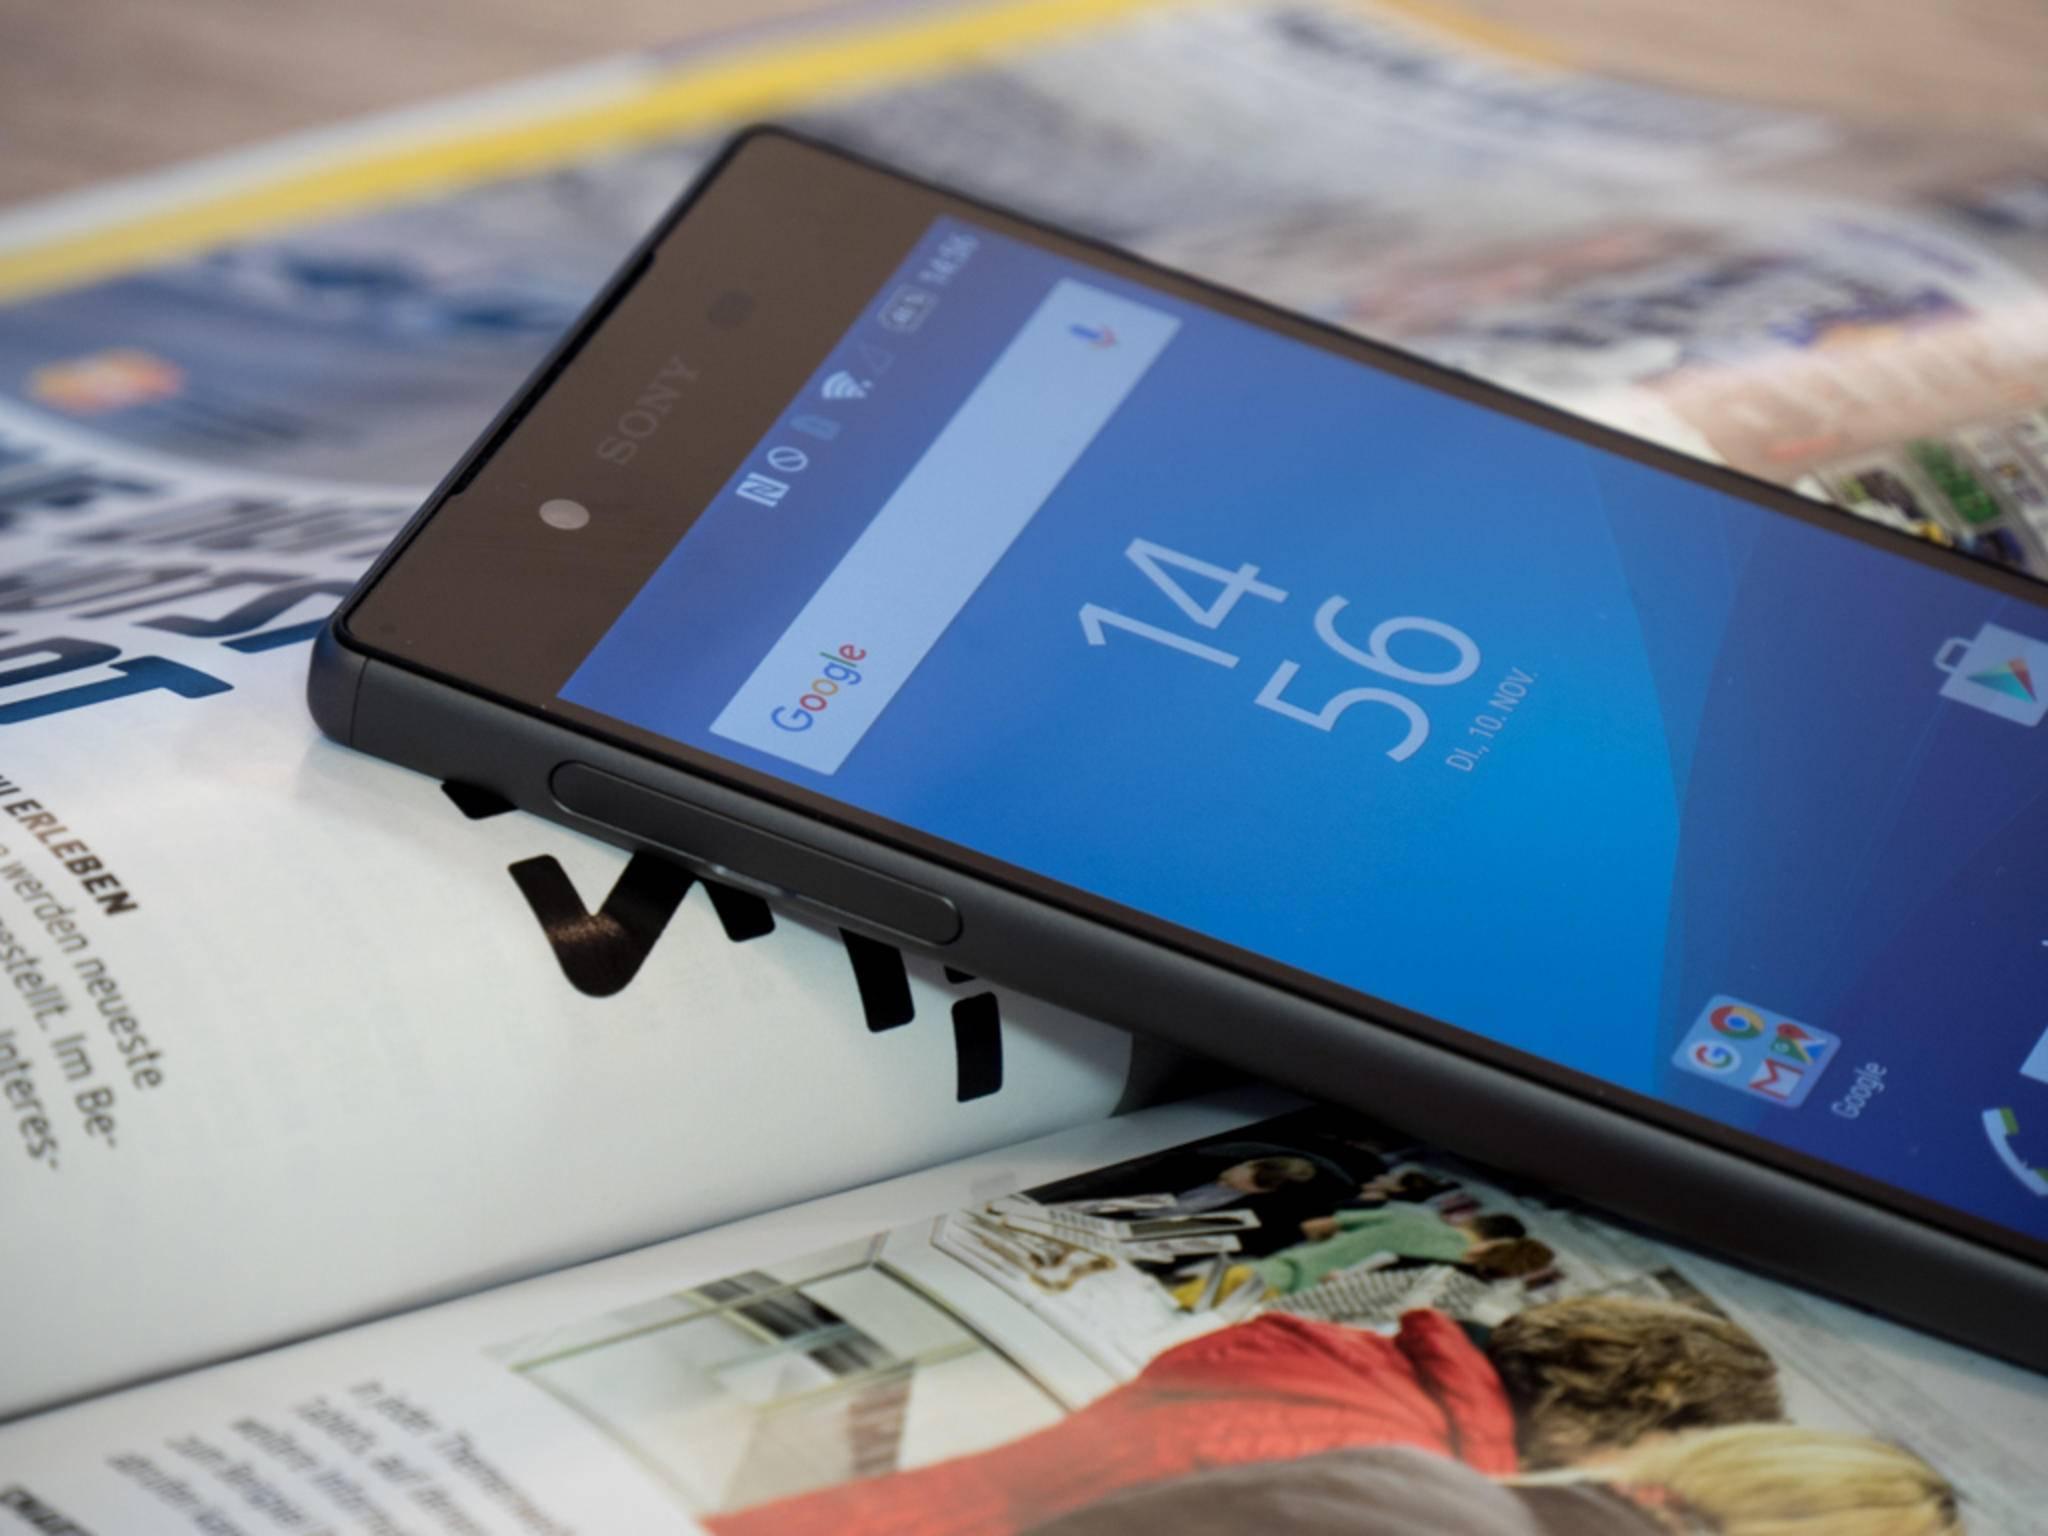 Auch das Xperia Z5 wird demnächst wieder den Stamina-Modus bekommen.